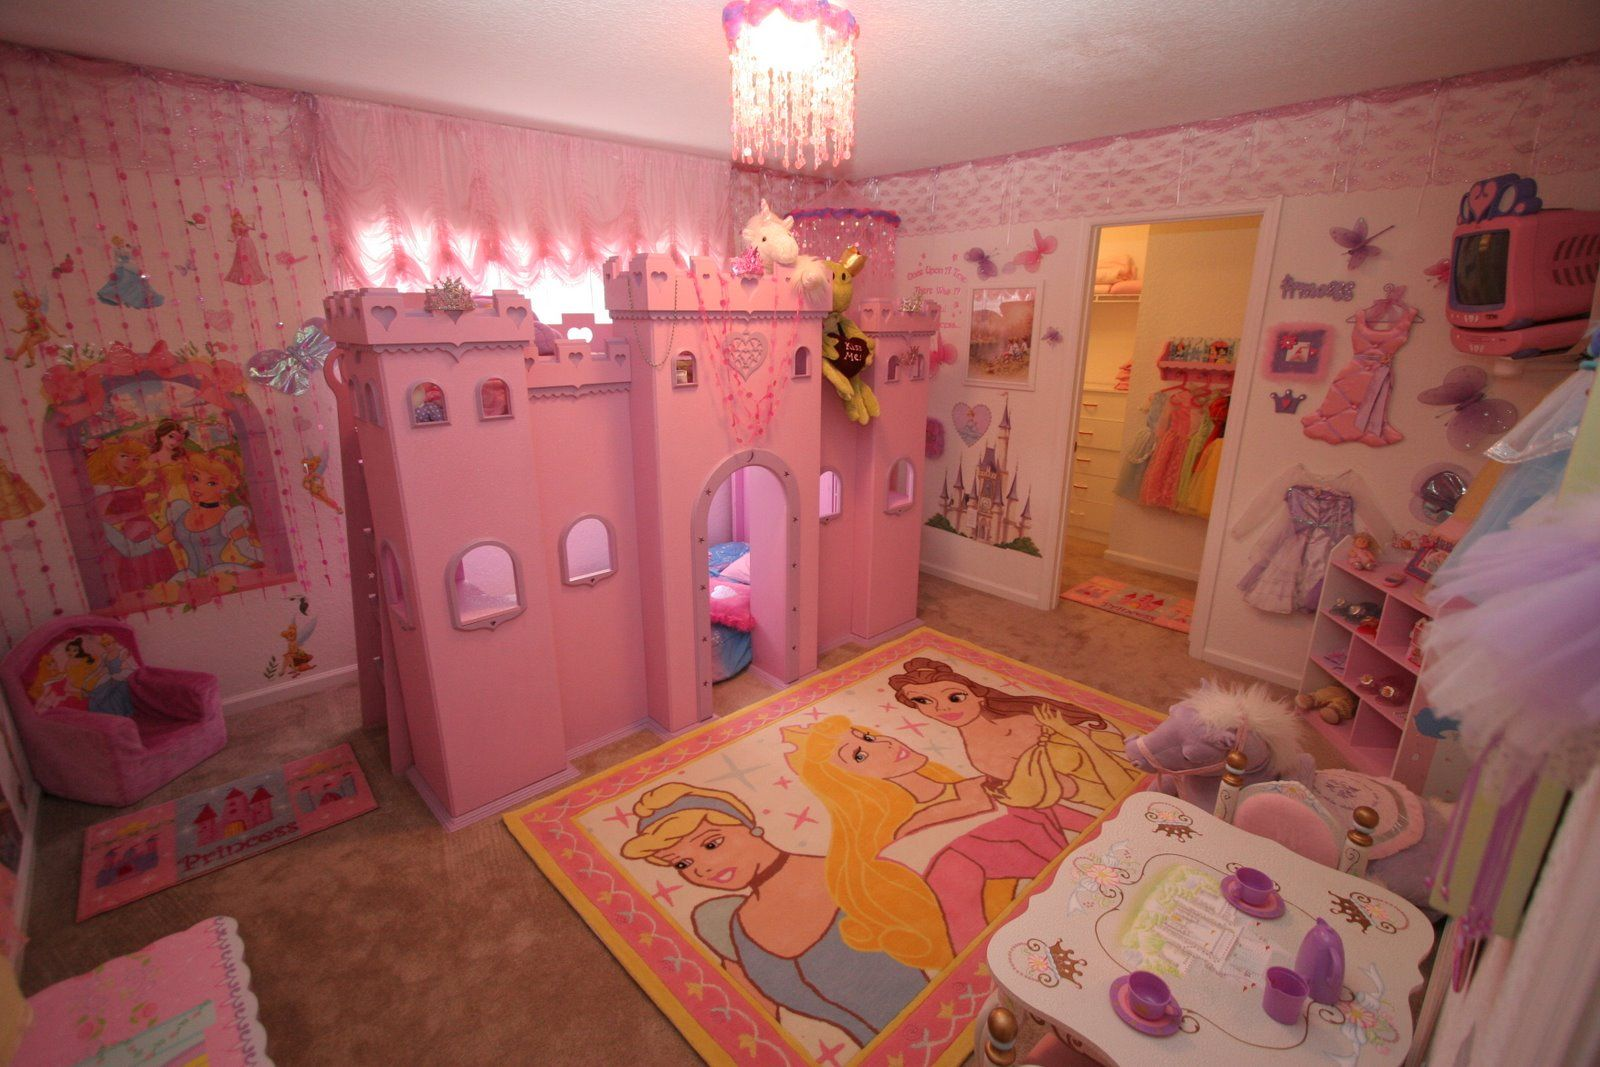 Dise os de dormitorios para ni as recamaras pinterest Disenos de dormitorios para ninas